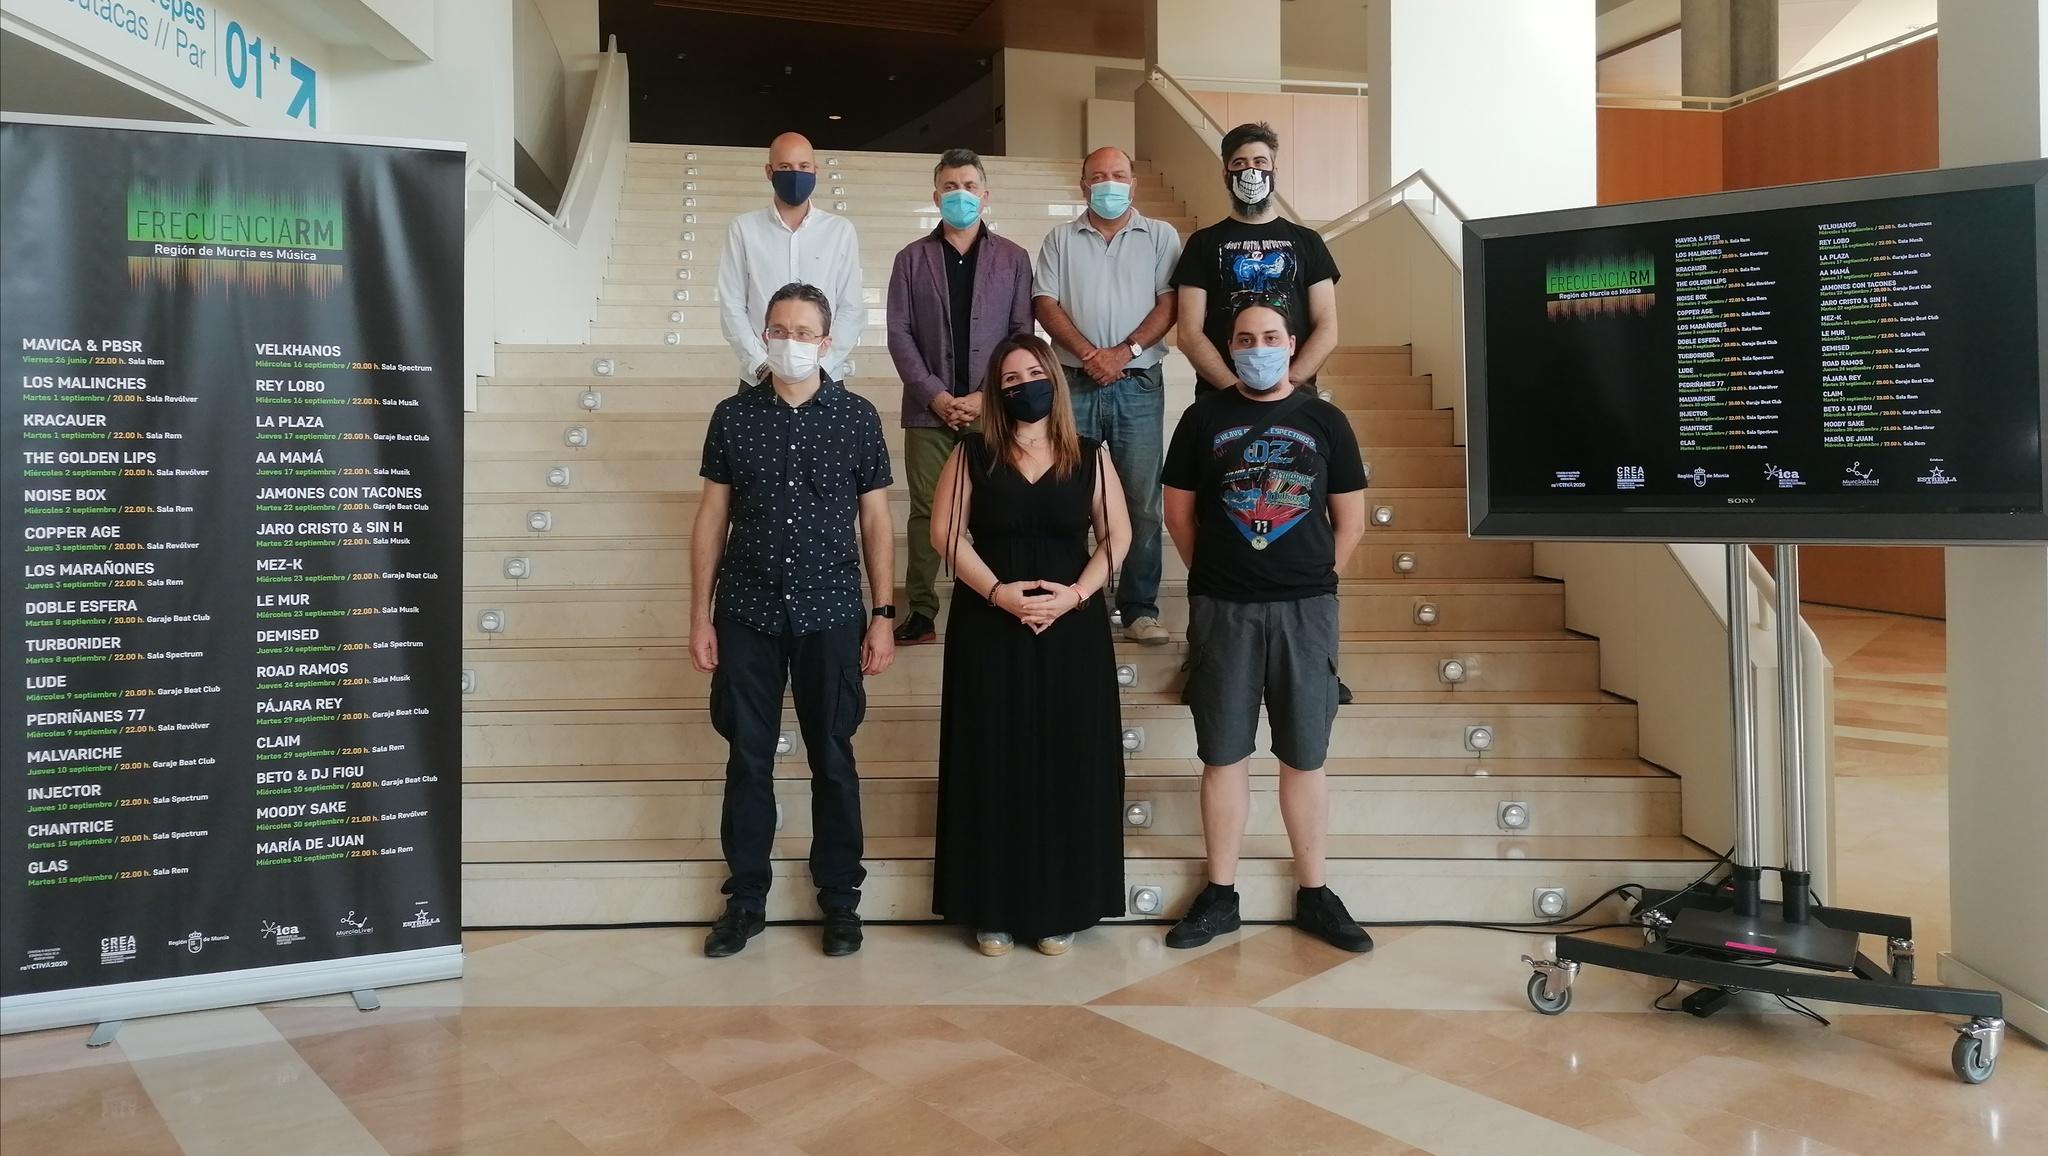 La música volverá en septiembre a las salas de conciertos con FrecuenciaRM